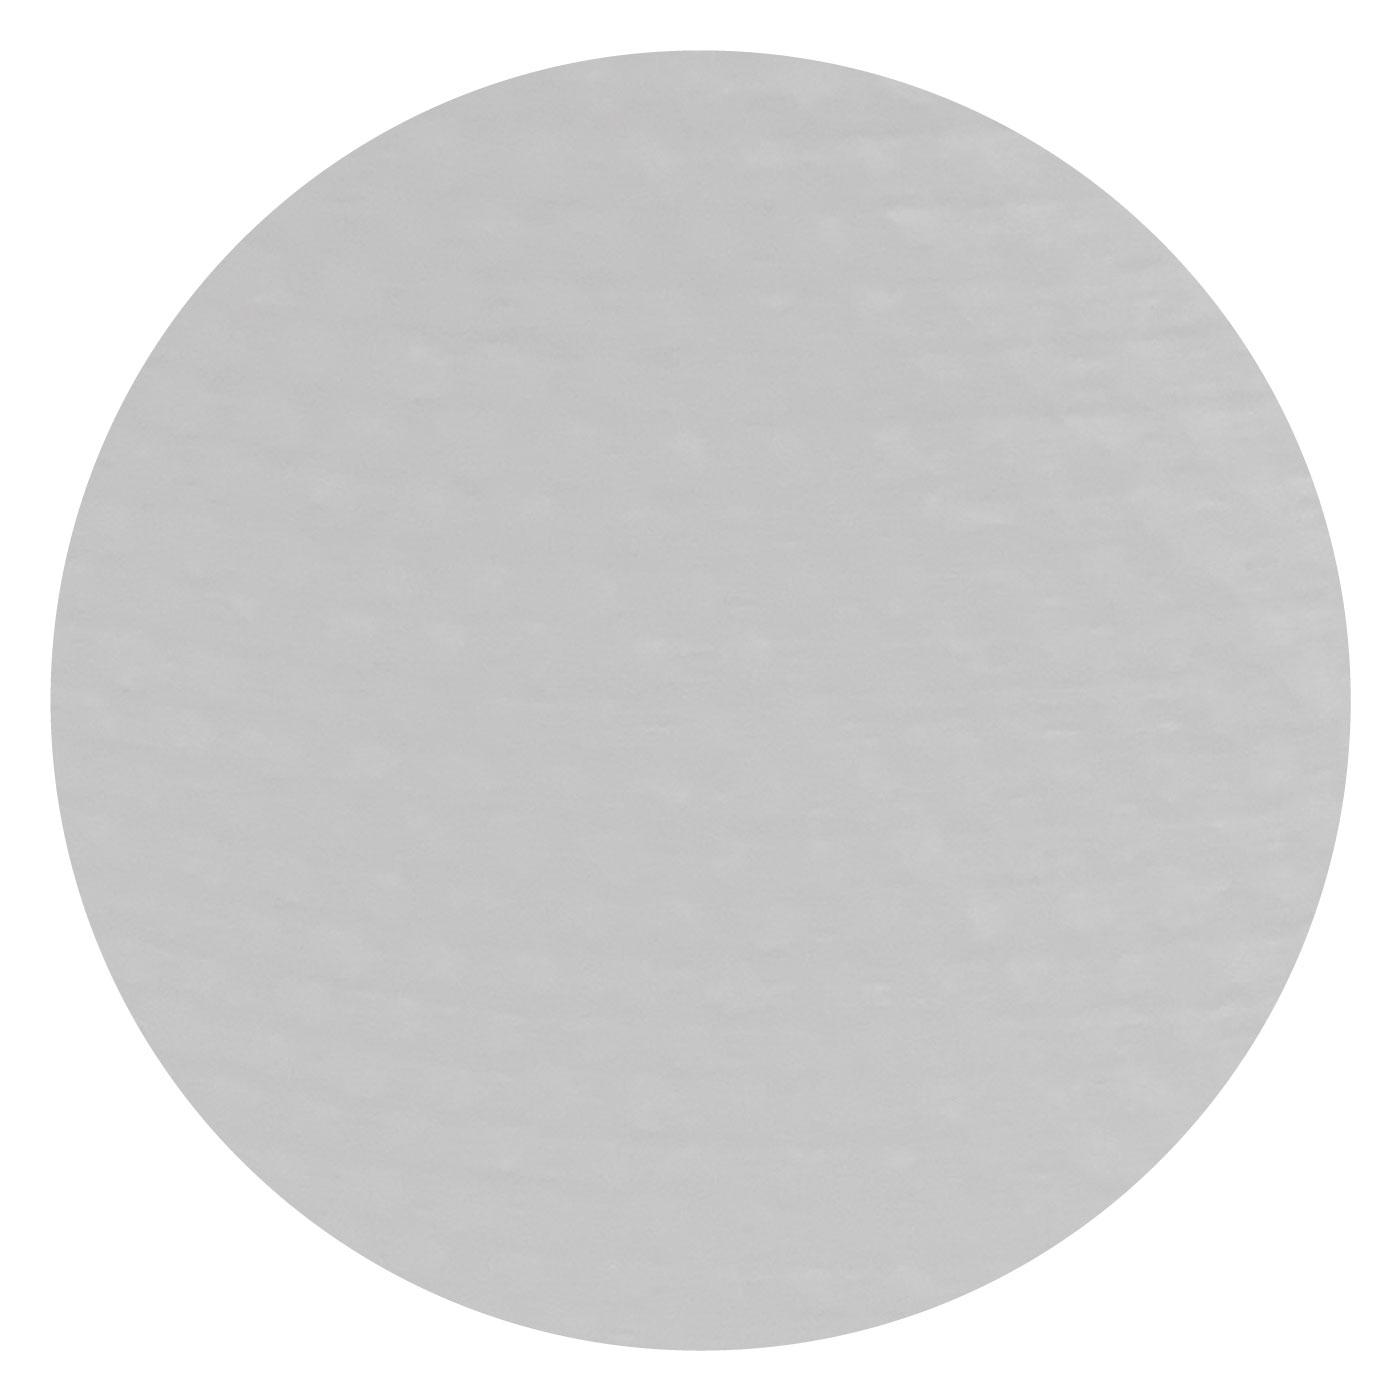 使い捨ておしぼり専用タオル「厚手タイプ(25m)×24ロール」/CURUPO(クルポ)専用ロールタオル〈自動おしぼり製造機用〉